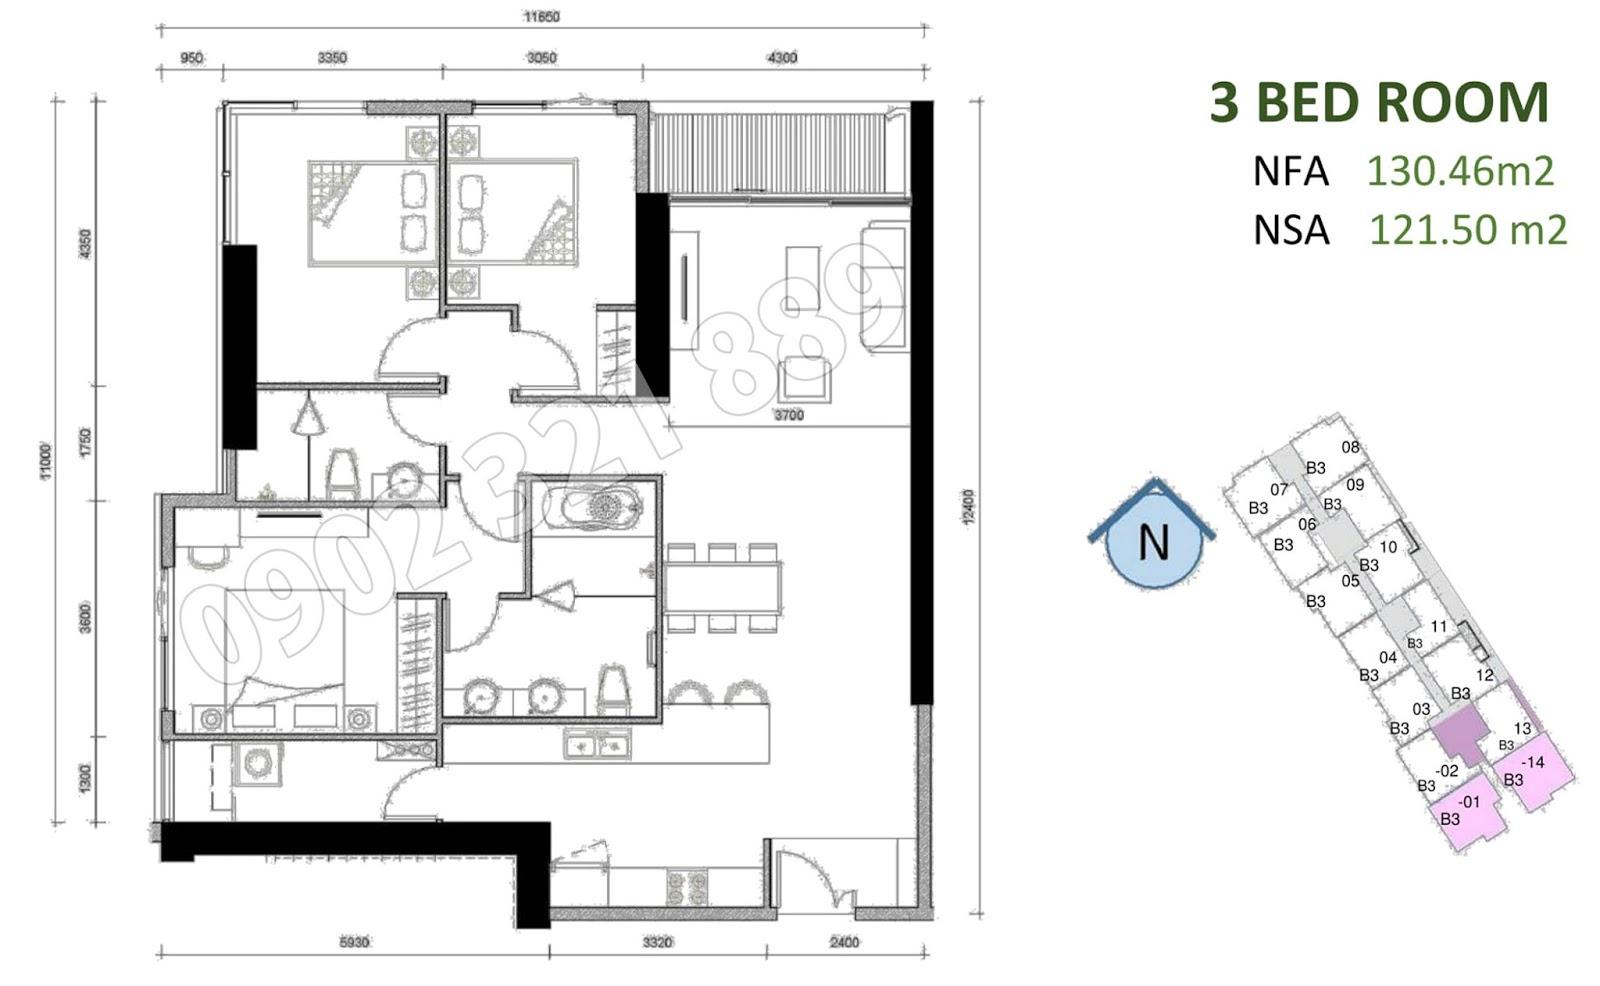 mặt bằng căn hộ sunwah pearl 3 phòng ngủ B3-01 và B3-14